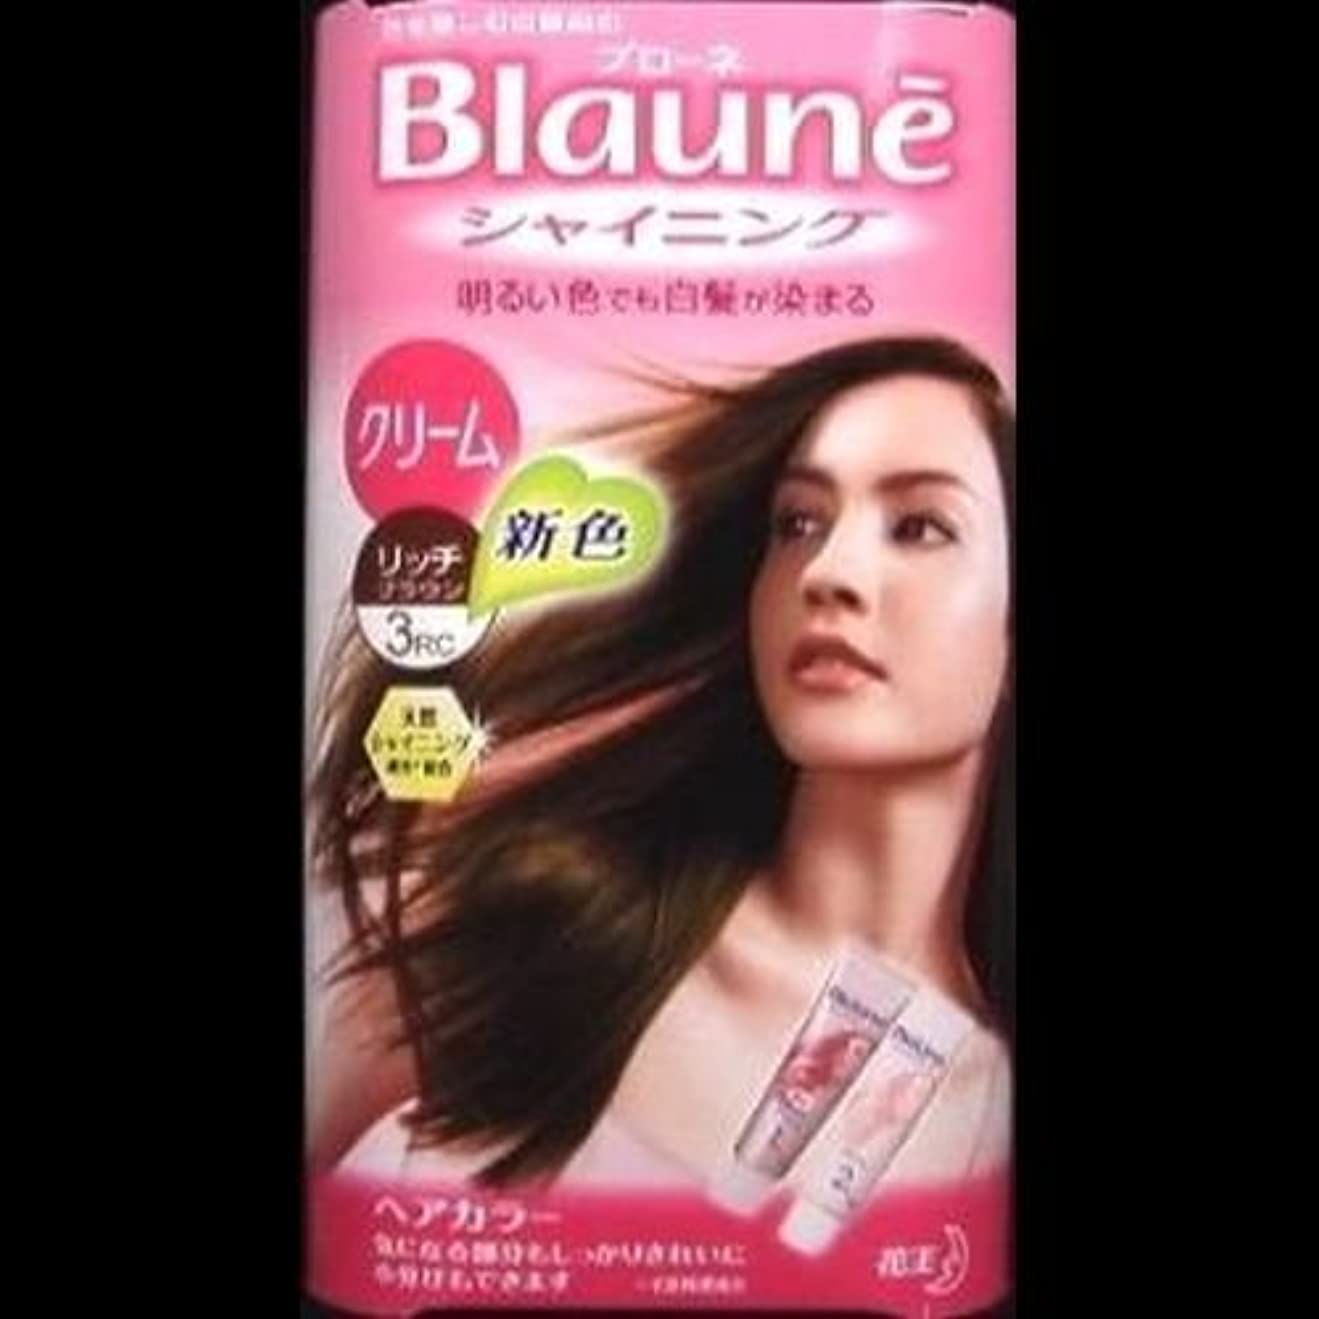 海岸ぼかす引き金【まとめ買い】ブローネシャイニングヘアカラークリーム 3RC リッチブラウン ×2セット